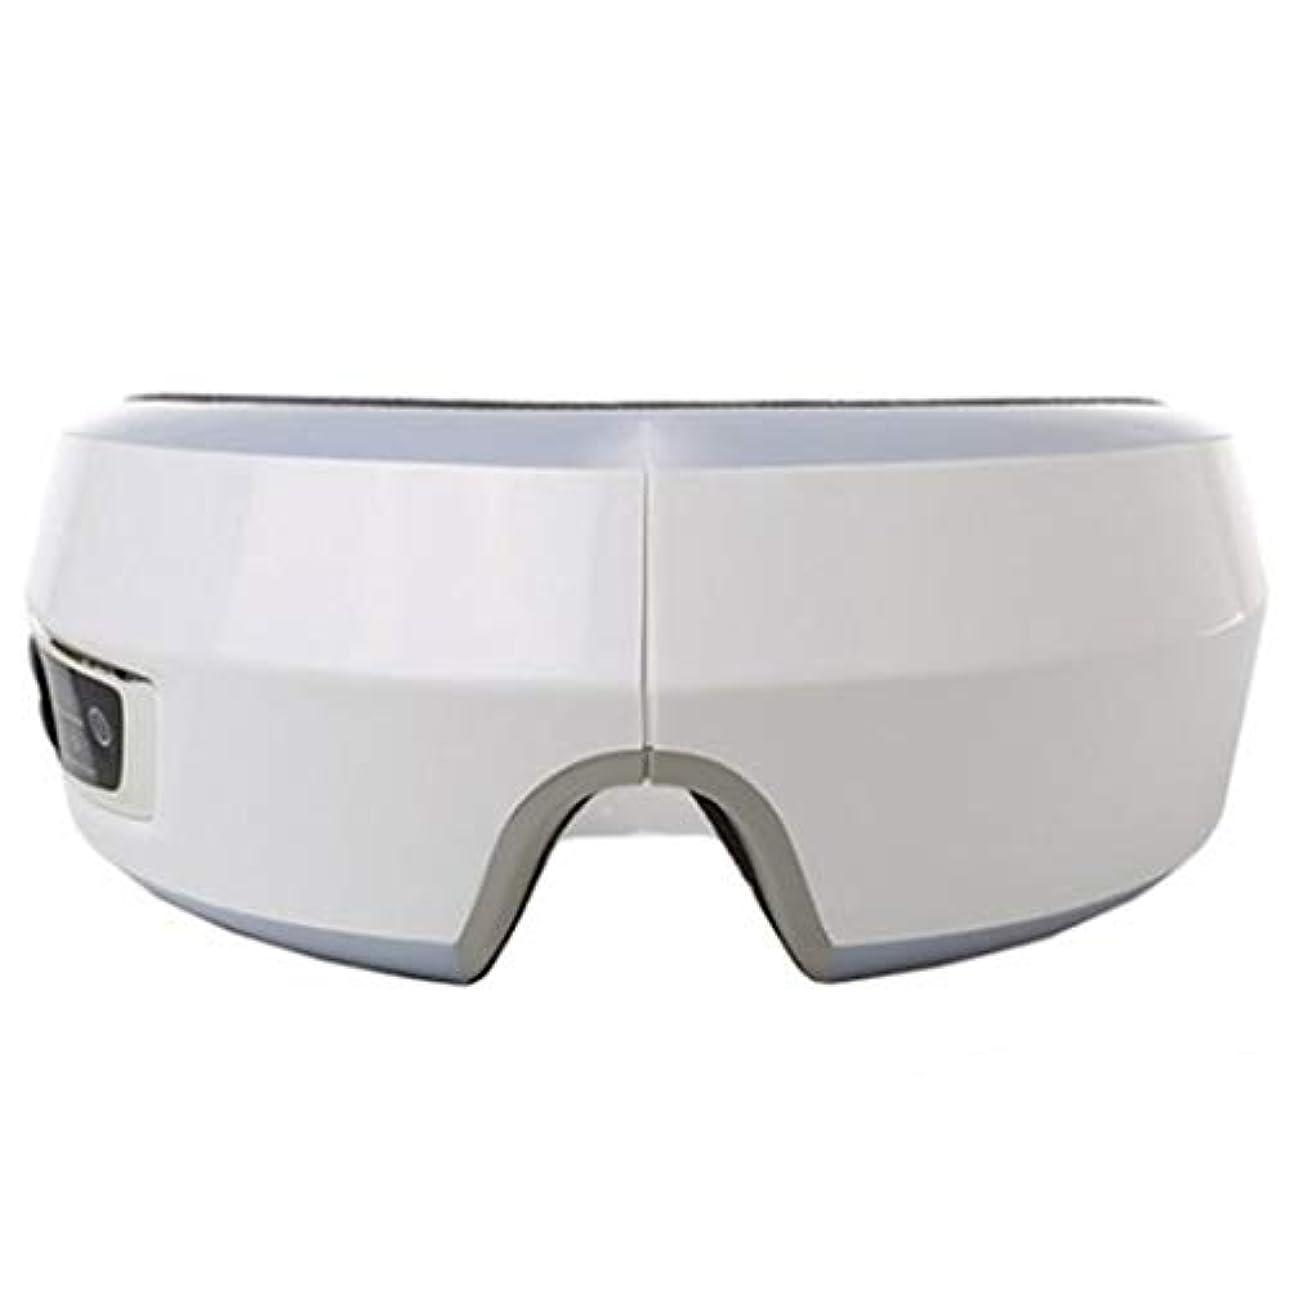 啓示口頭収束するZESPAアイヒーリングソリューションアイマッサージャー振動加熱マッサージ音楽機能ZP441 ZESPA Eye Healing Solution Eye Massager Vibration Heating Massage...